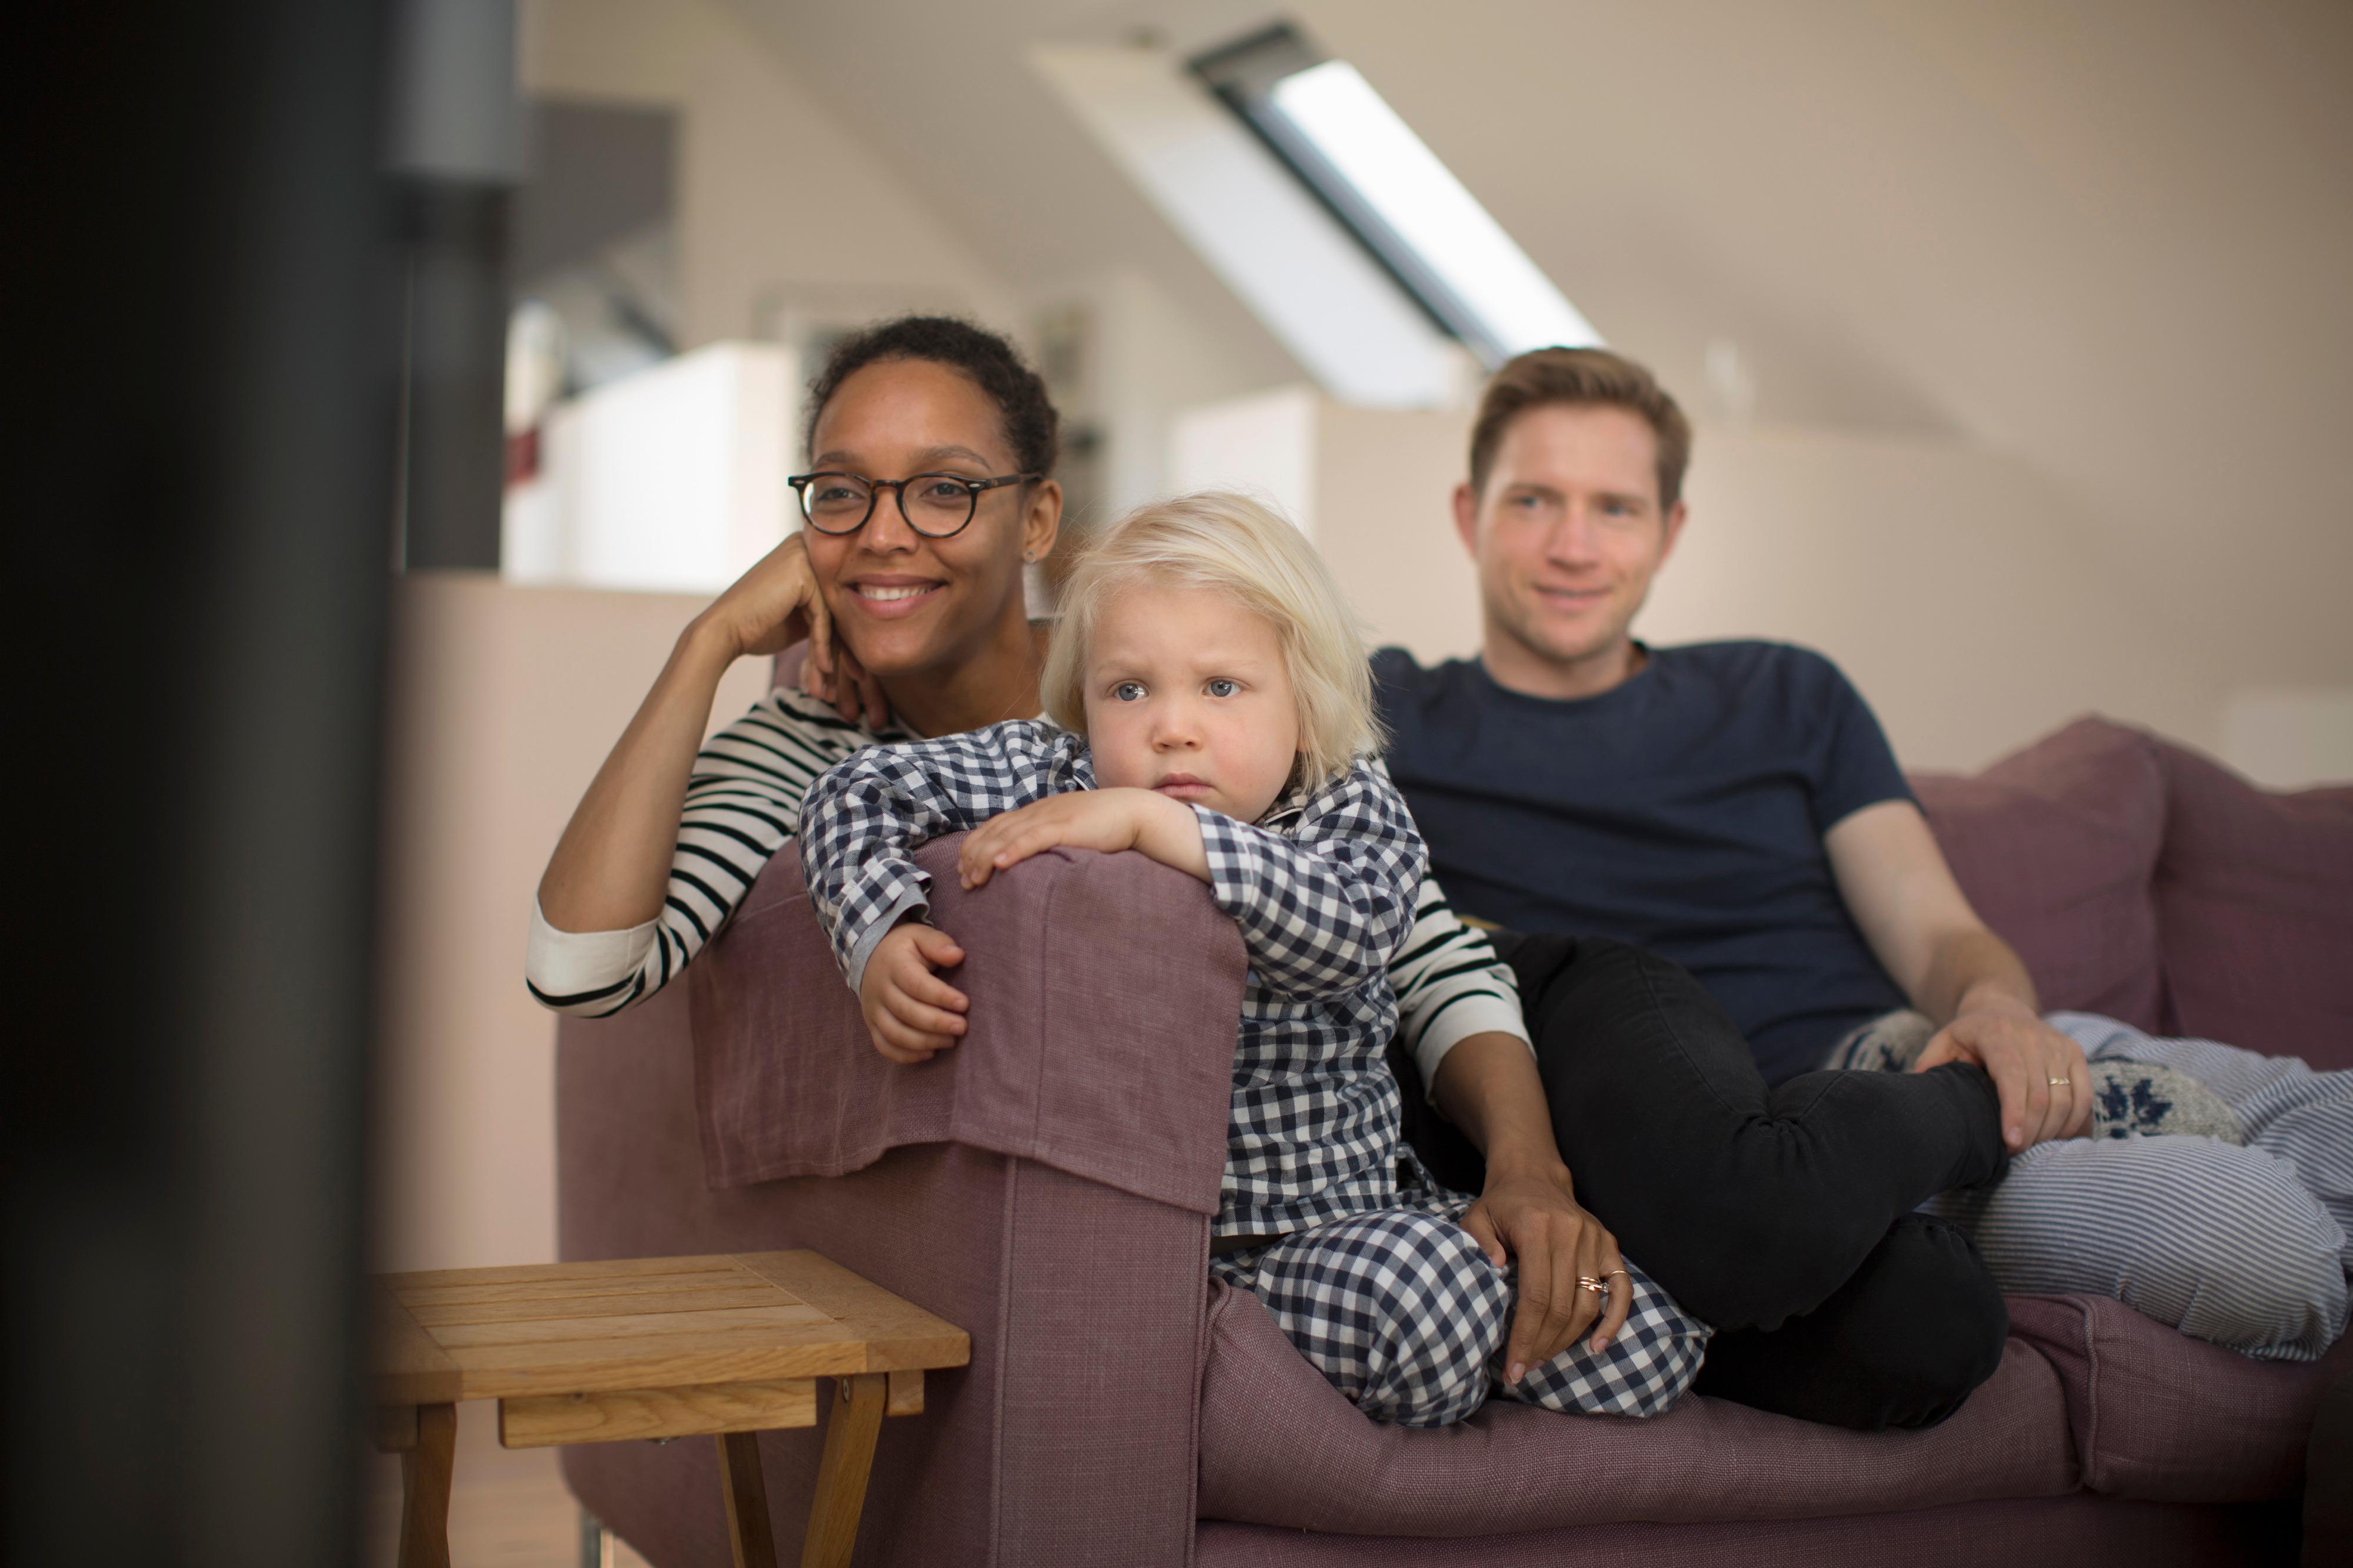 Familie slapper av i sofa